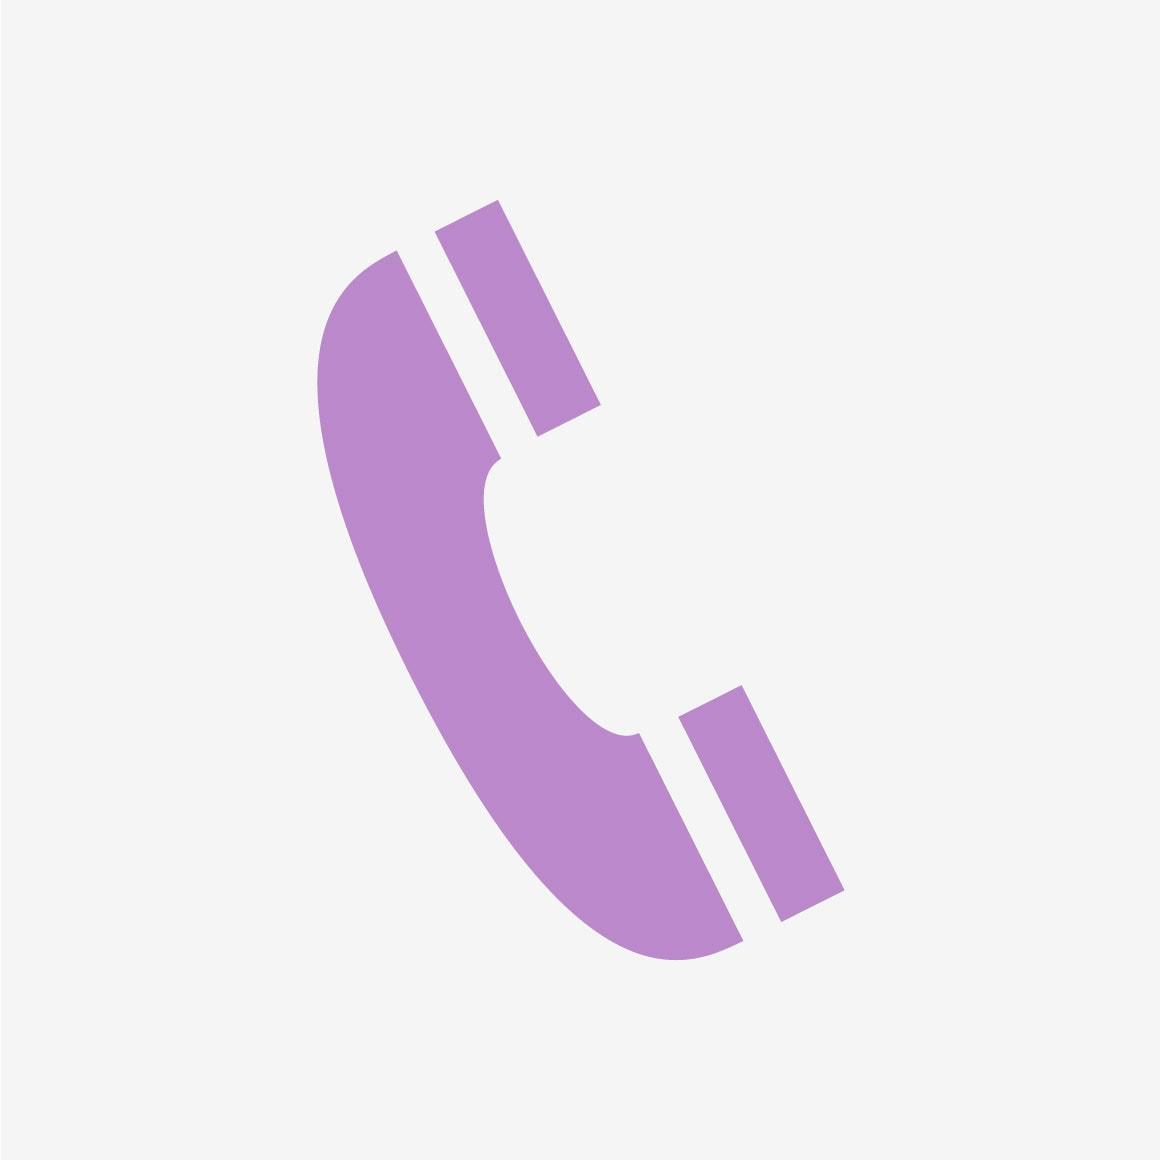 1. Rufen Sie uns an unter:+49 (0) 5103 7065-0